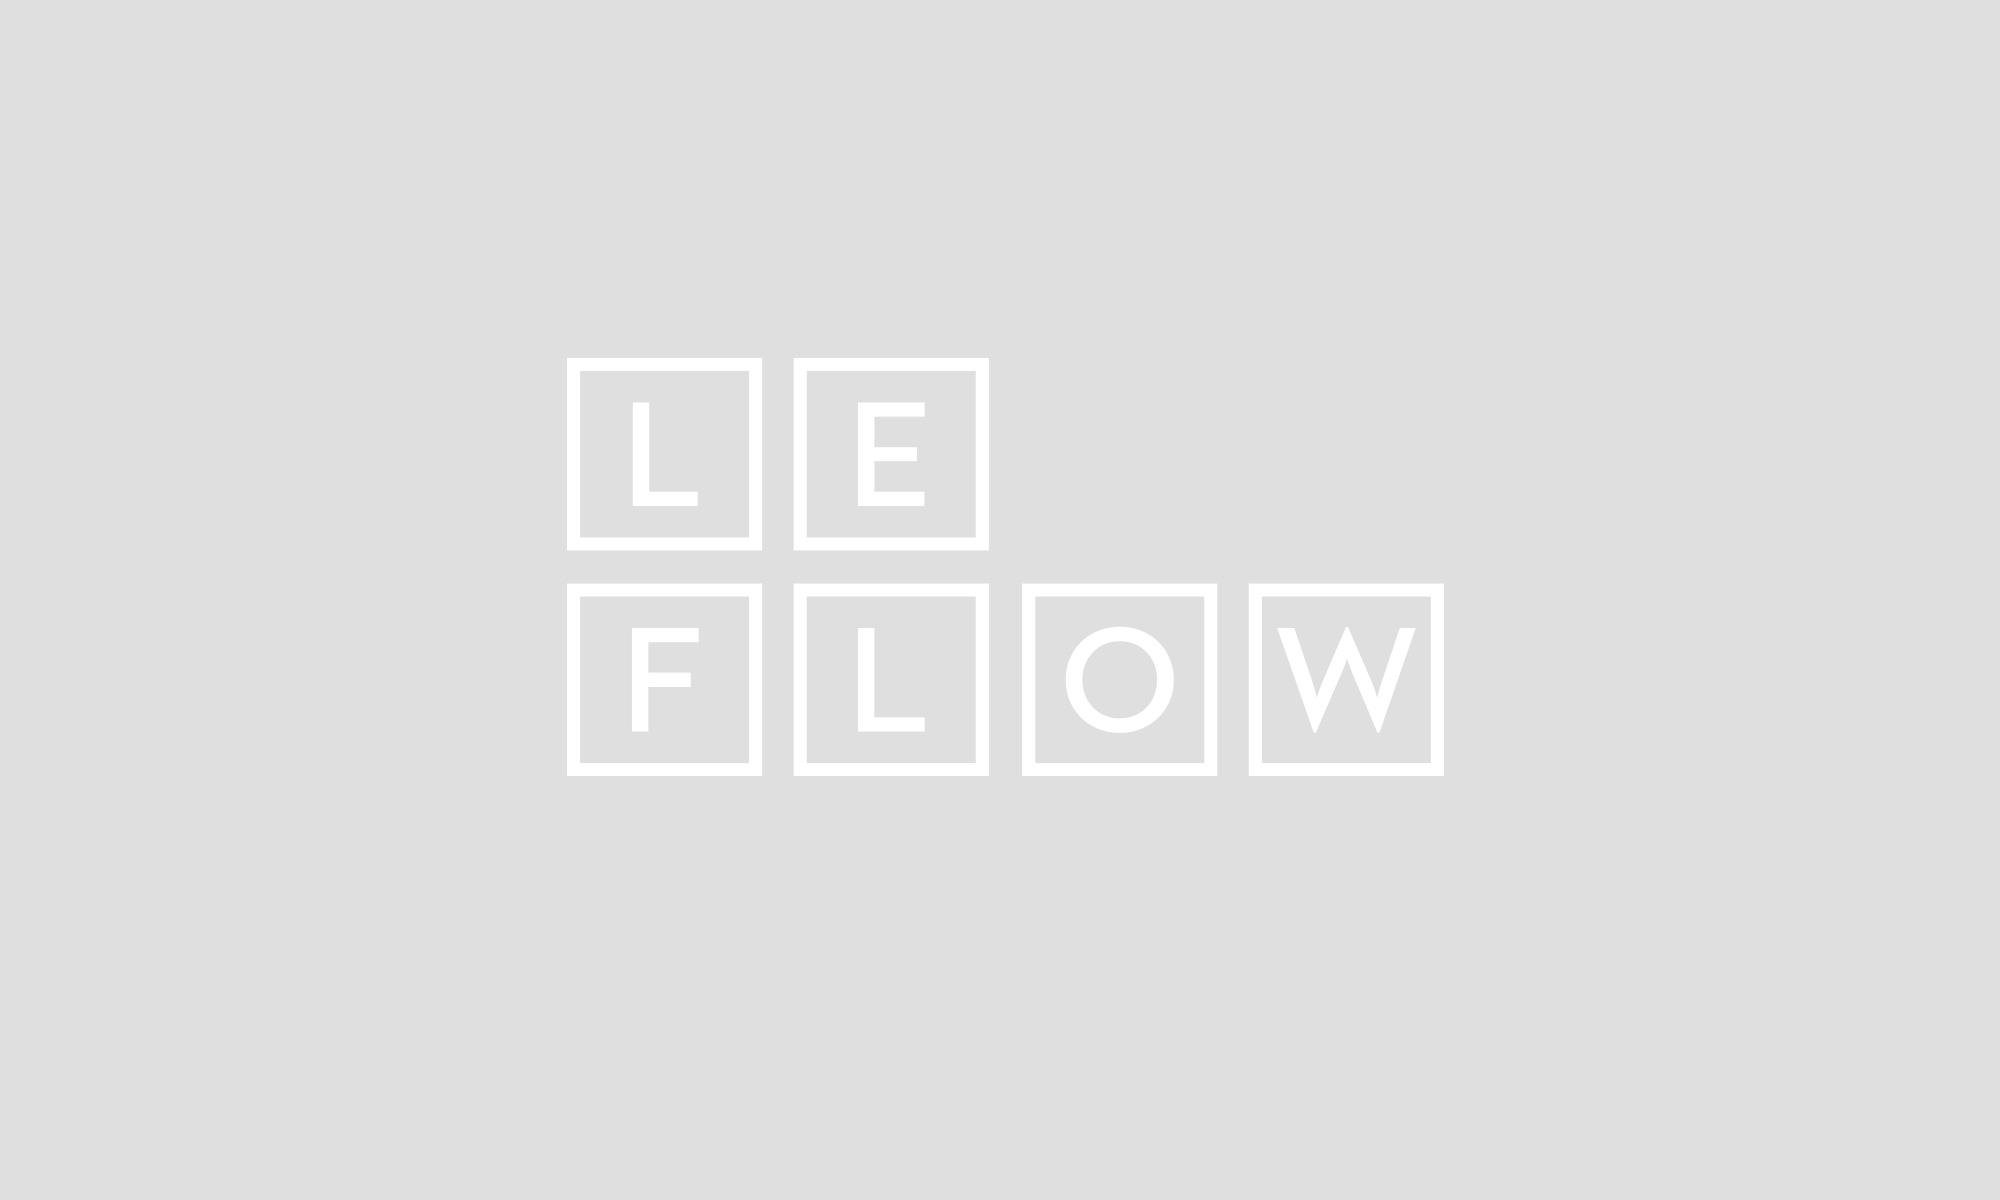 Le Flow logo